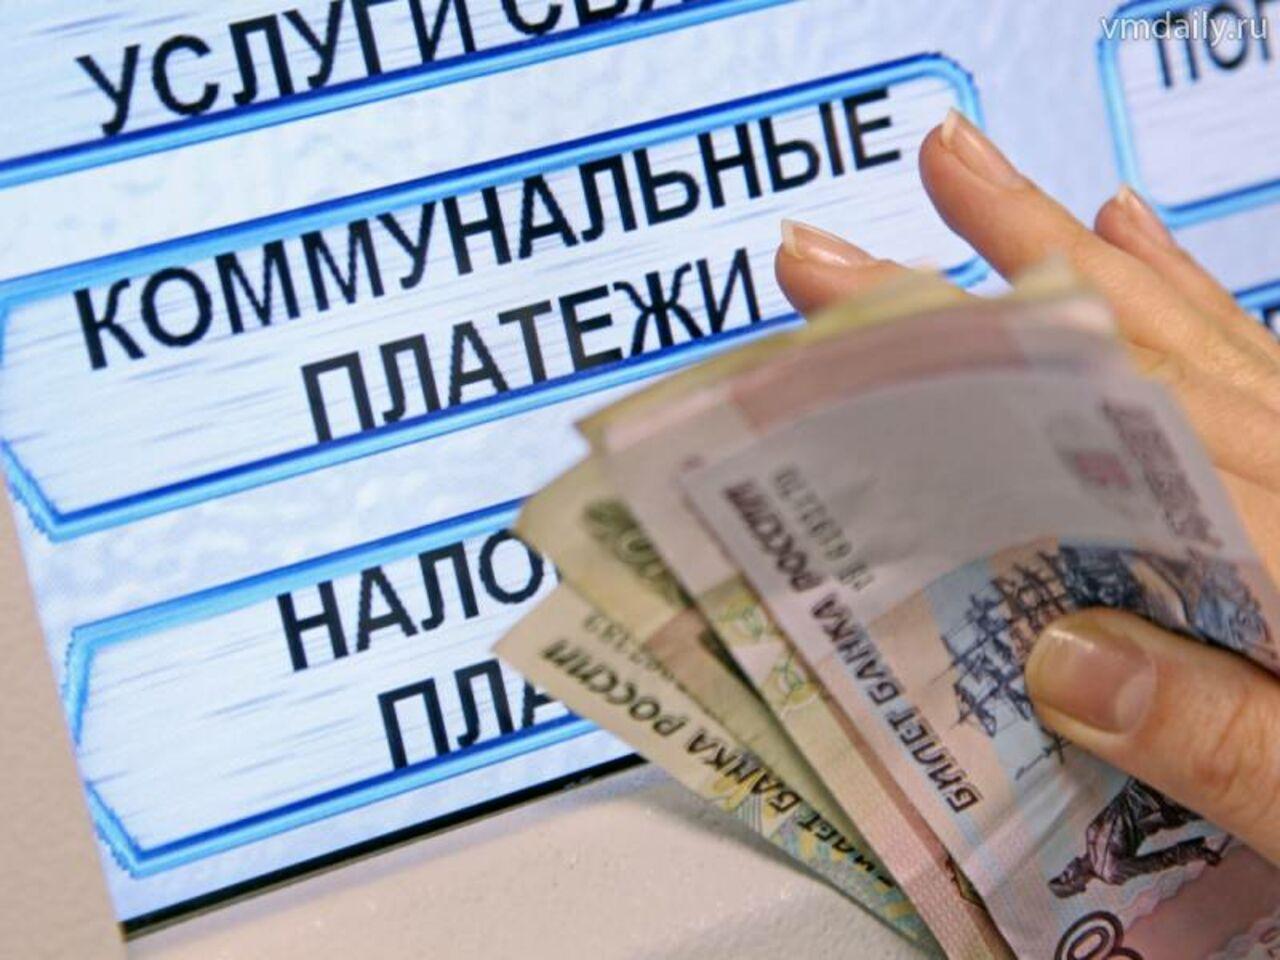 Наоплату ЖКХ вследующем году кузбассовцы получили 3 млрд господдержки